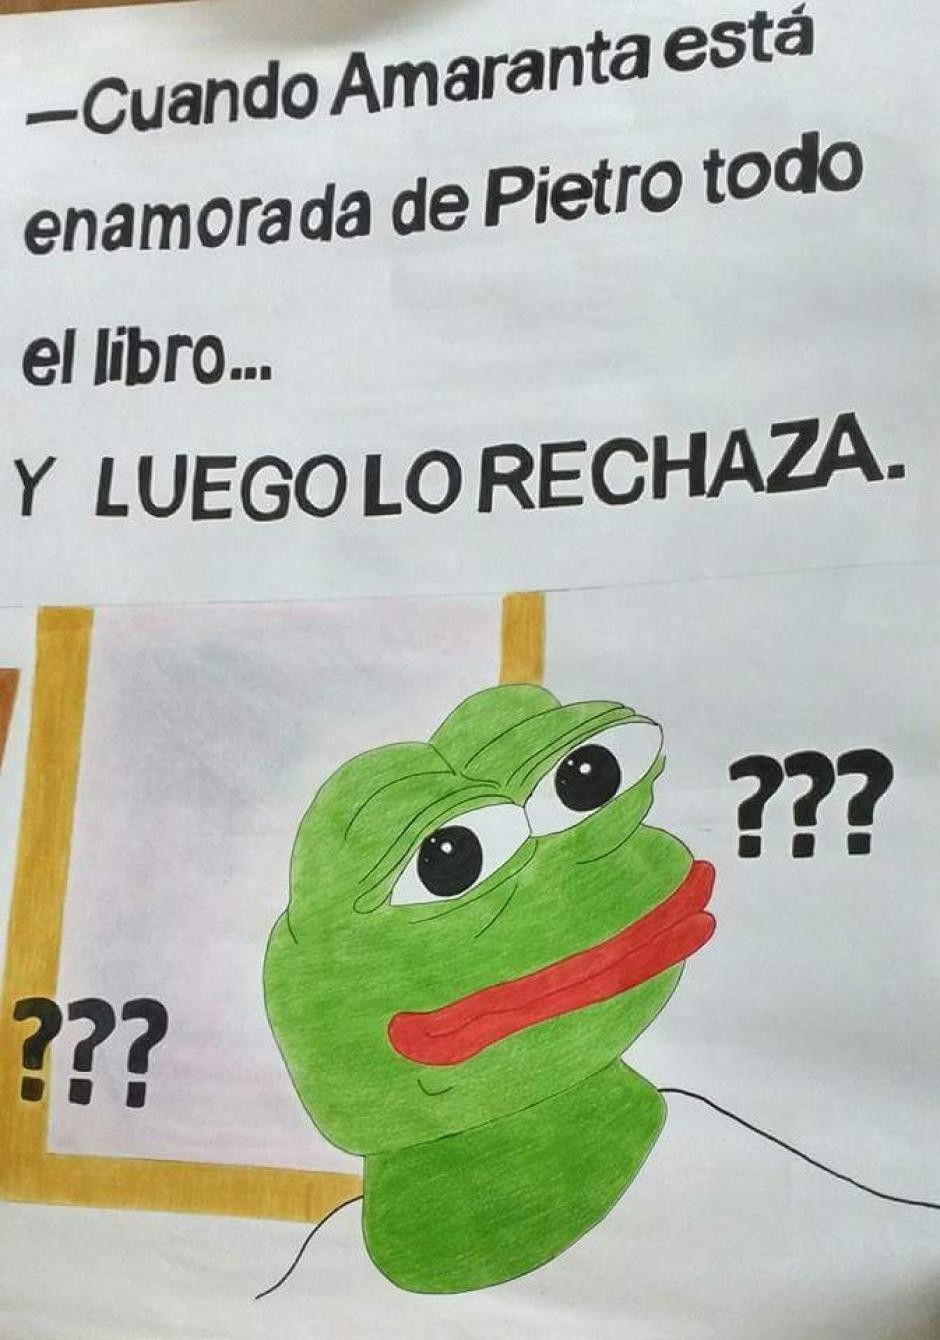 Los alumnos participaron contentos en la dinámica organizada por su maestra. (Foto: diariodemorelos.com)